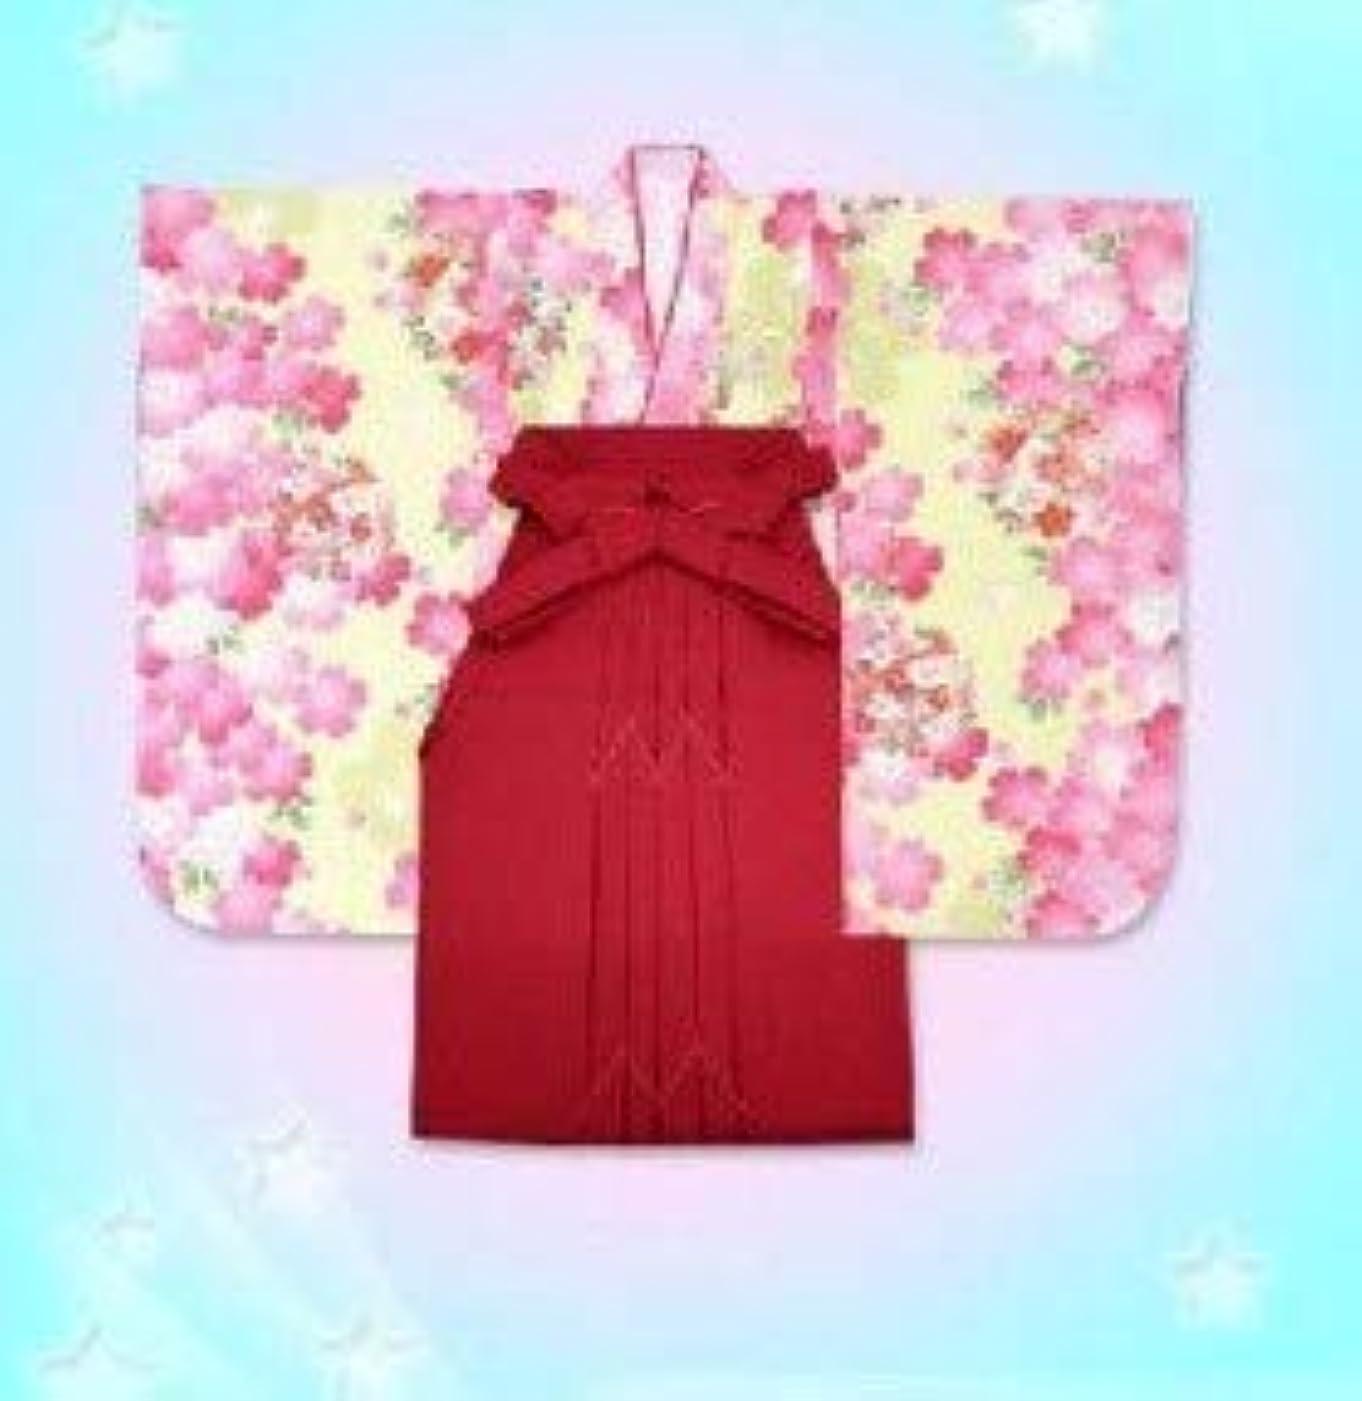 盗賊望み拡声器七五三 3歳女の子 合繊三つ身の着物「黄色、桜に花手鞠」と無地袴「ローズ」のセットD3G496mmr3